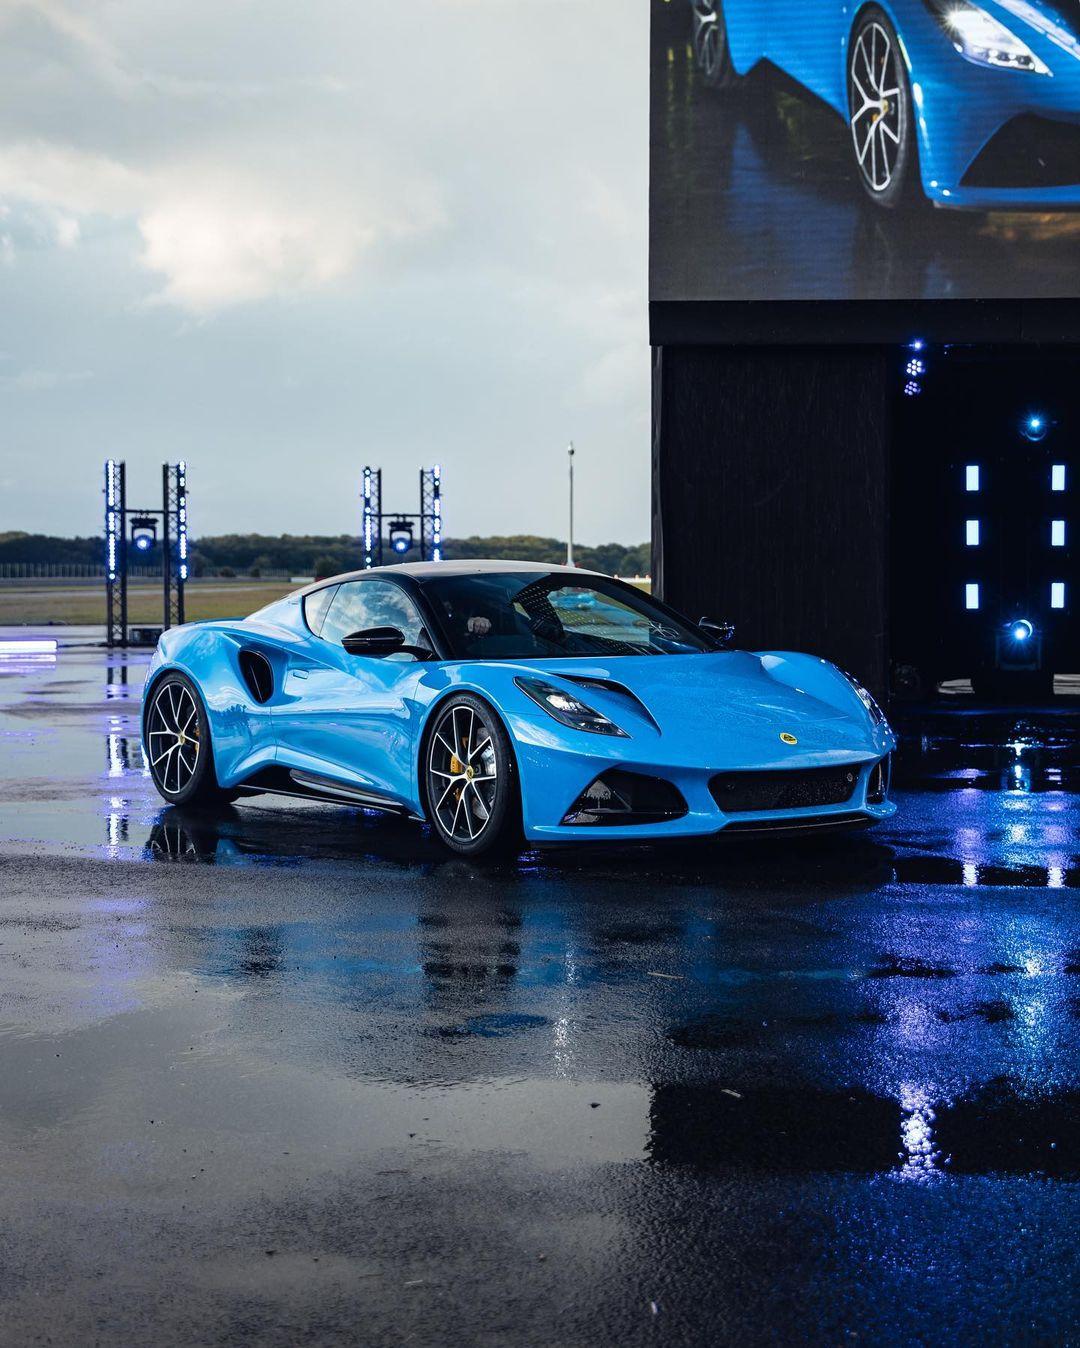 吉利集团路特斯全新跑车曝光,搭AMG的2.0T发动机,外观很霸气